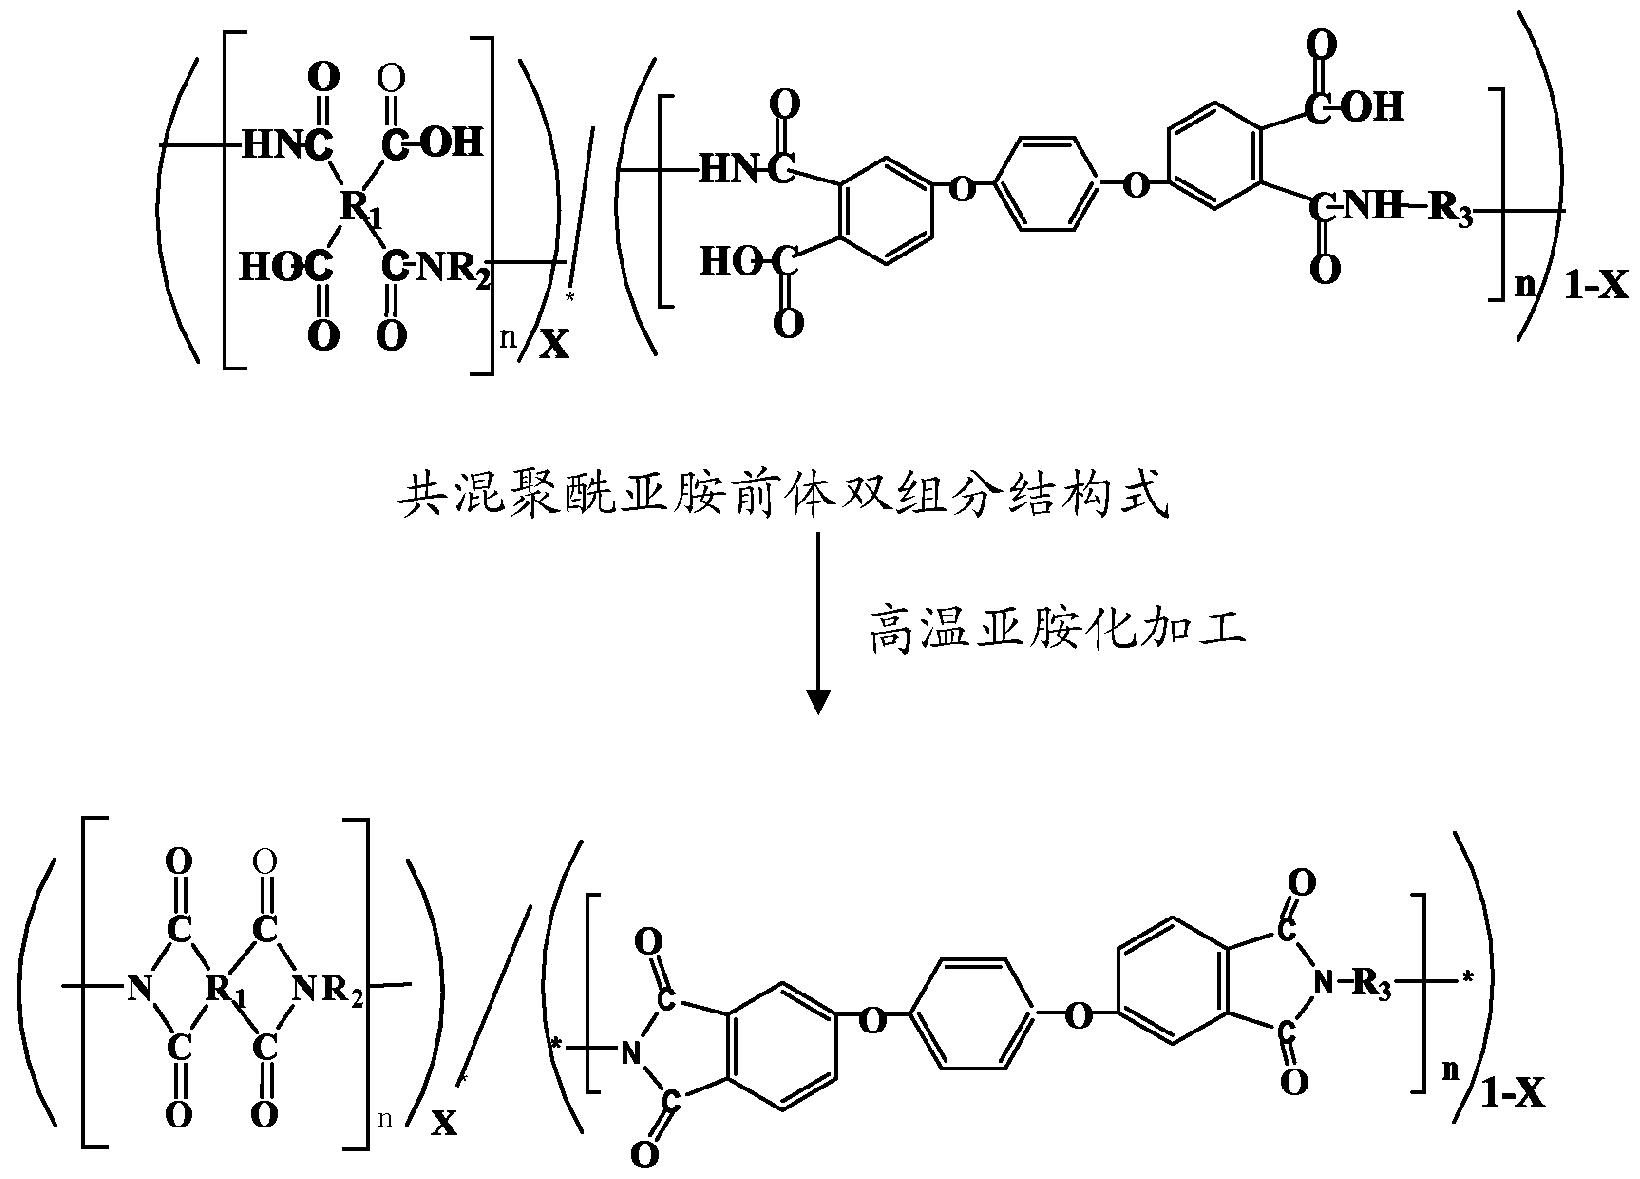 共混聚酰亚胺双组分结构式